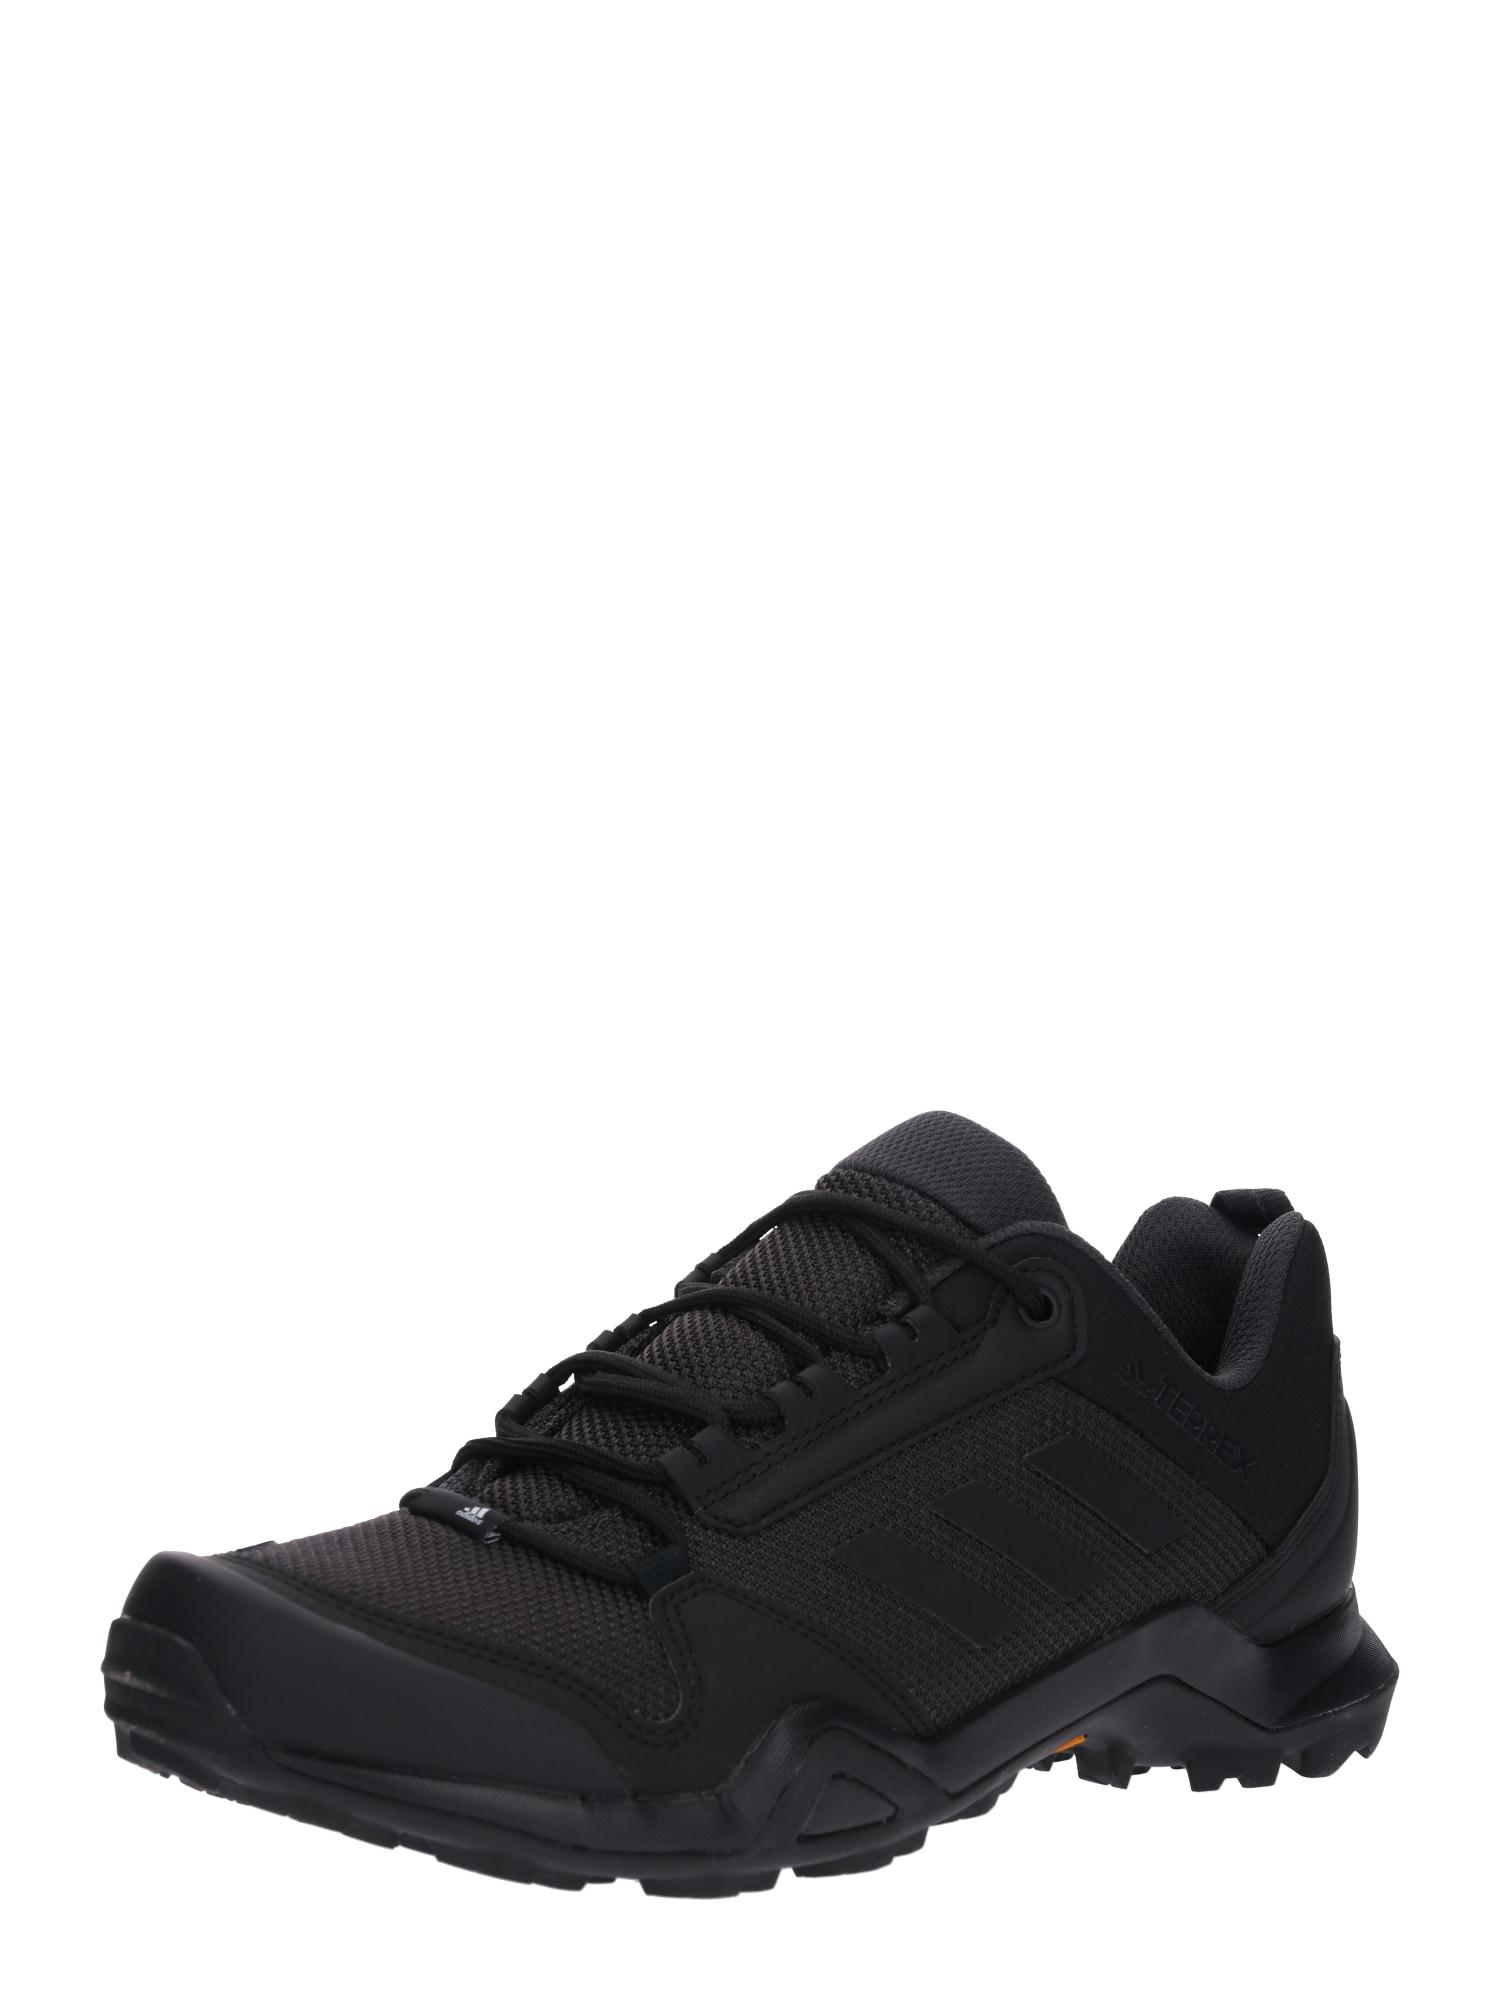 Sportovní boty TERREX AX3 černá ADIDAS PERFORMANCE